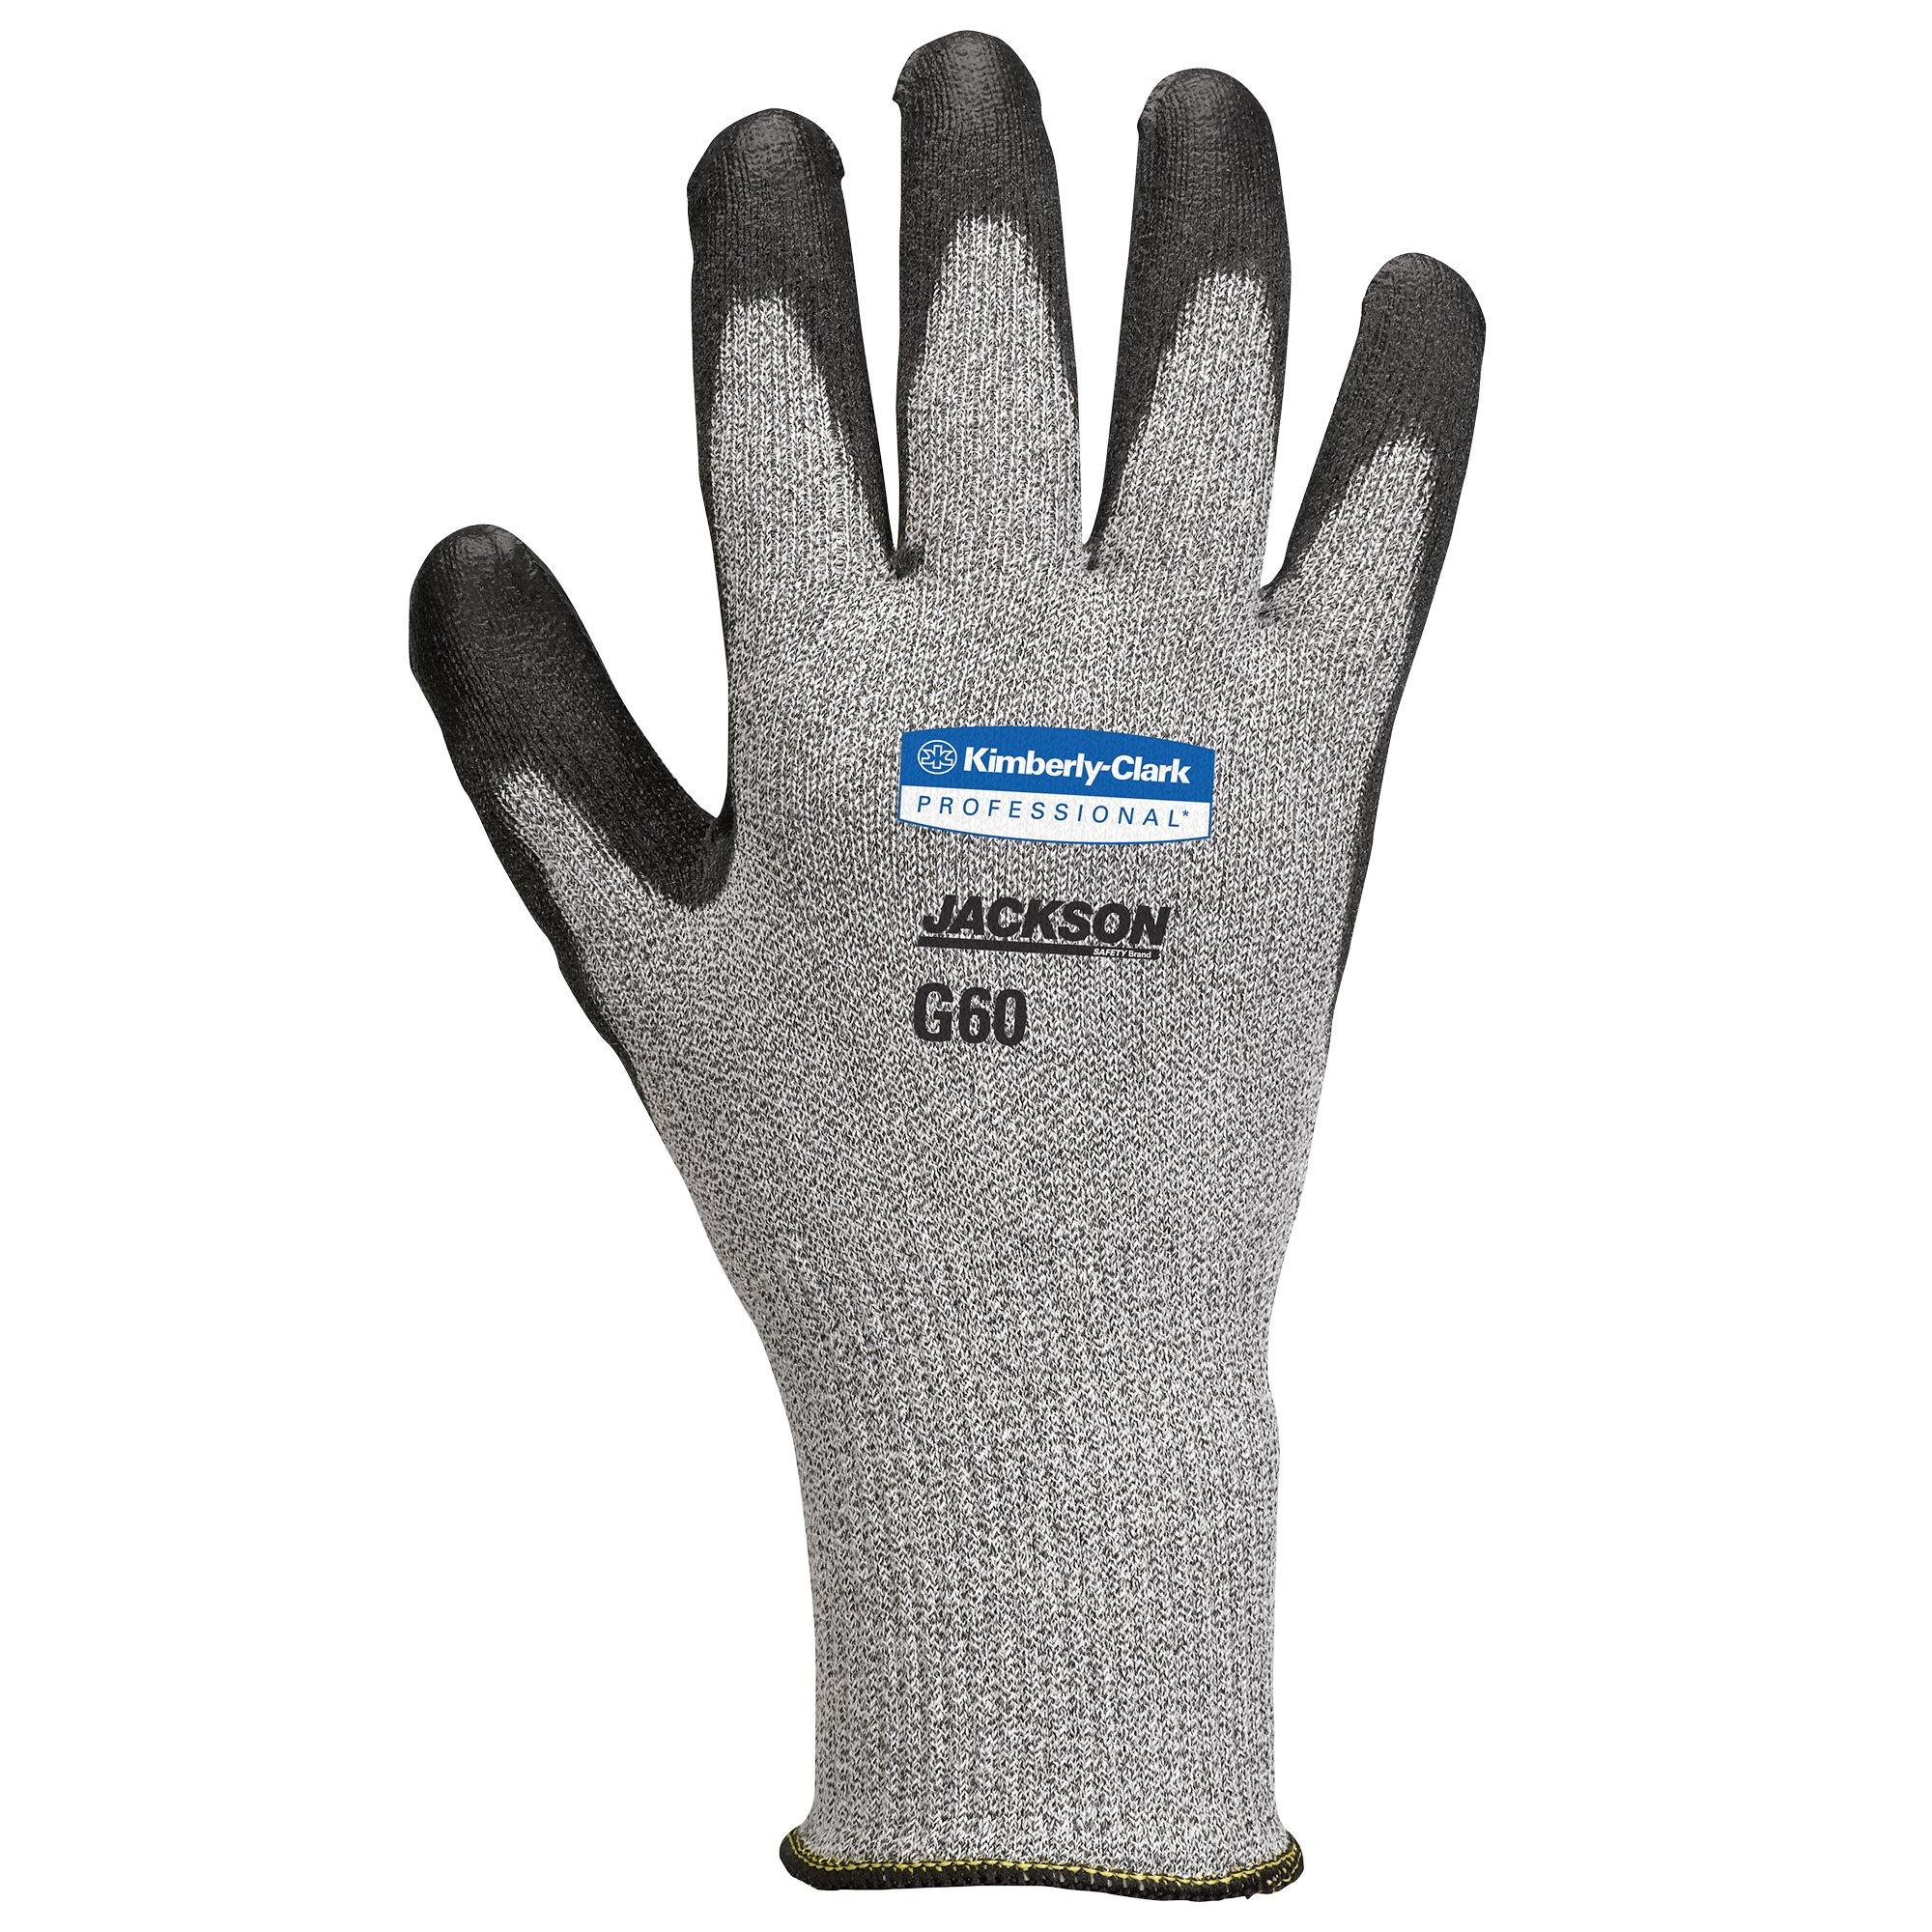 Jackson Safety G60 EN Level 5 Polyurethane Coated Cut Resistant Gloves (98237), Black, Large, 12 Pairs / Bag, 1 Bag